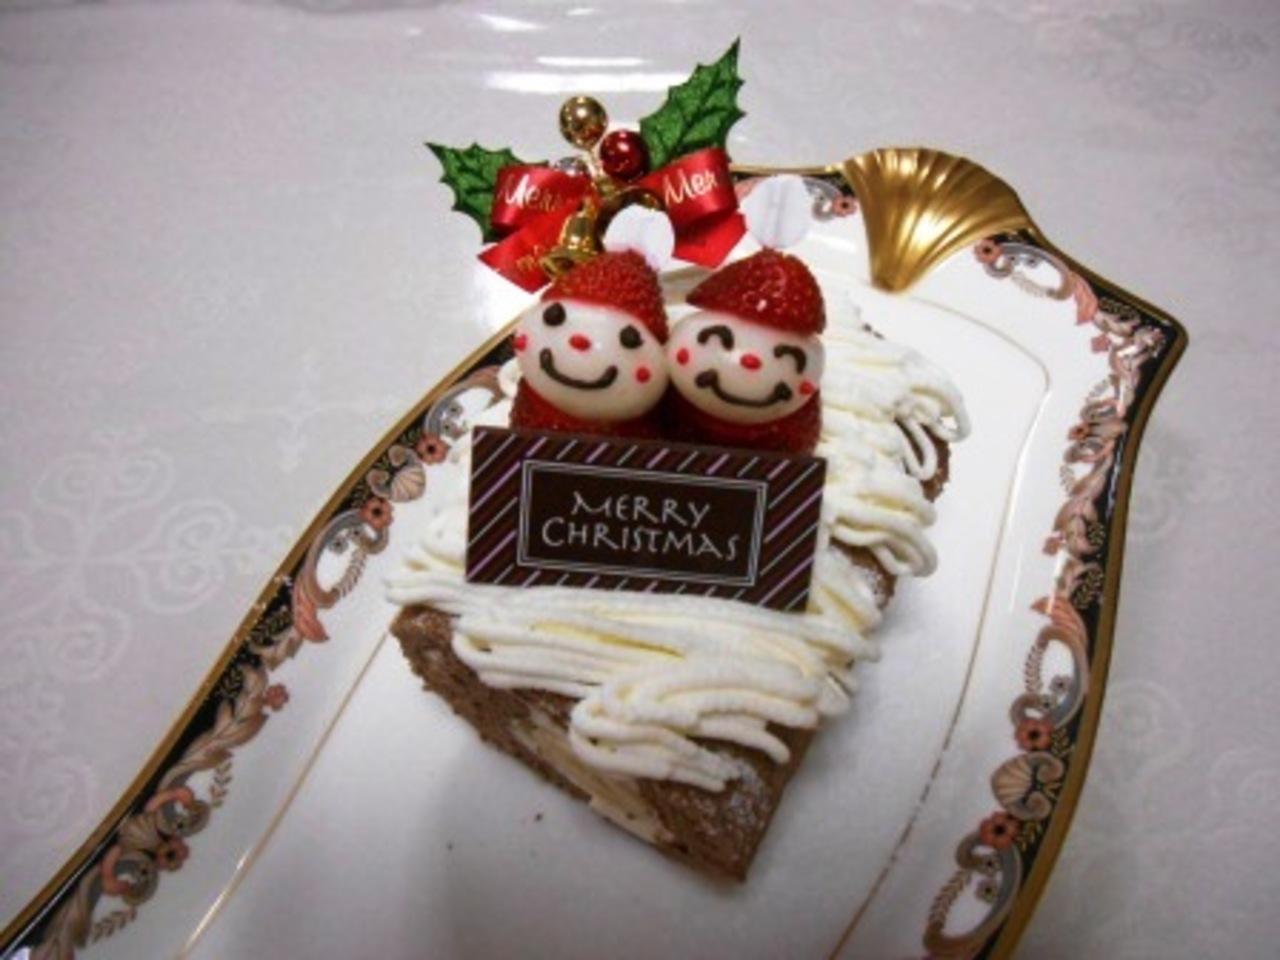 親子でクリスマスケーキを作ろう  サッポロファクトリー (12/13) 札幌